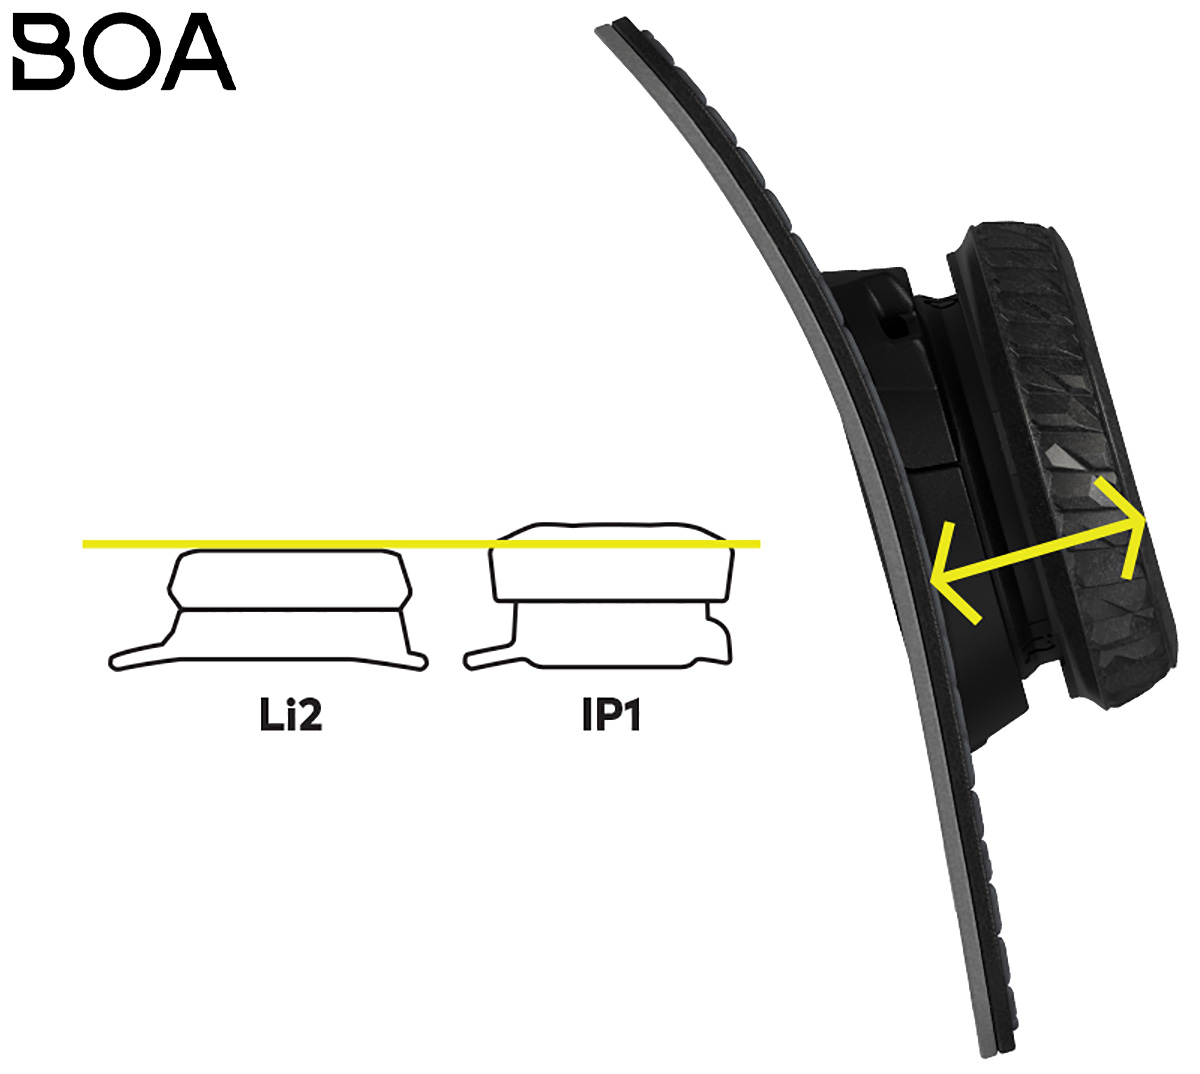 Visione laterale della nuova piattaforma per la chiusura rapida delle scarpe per bici BOA Li2